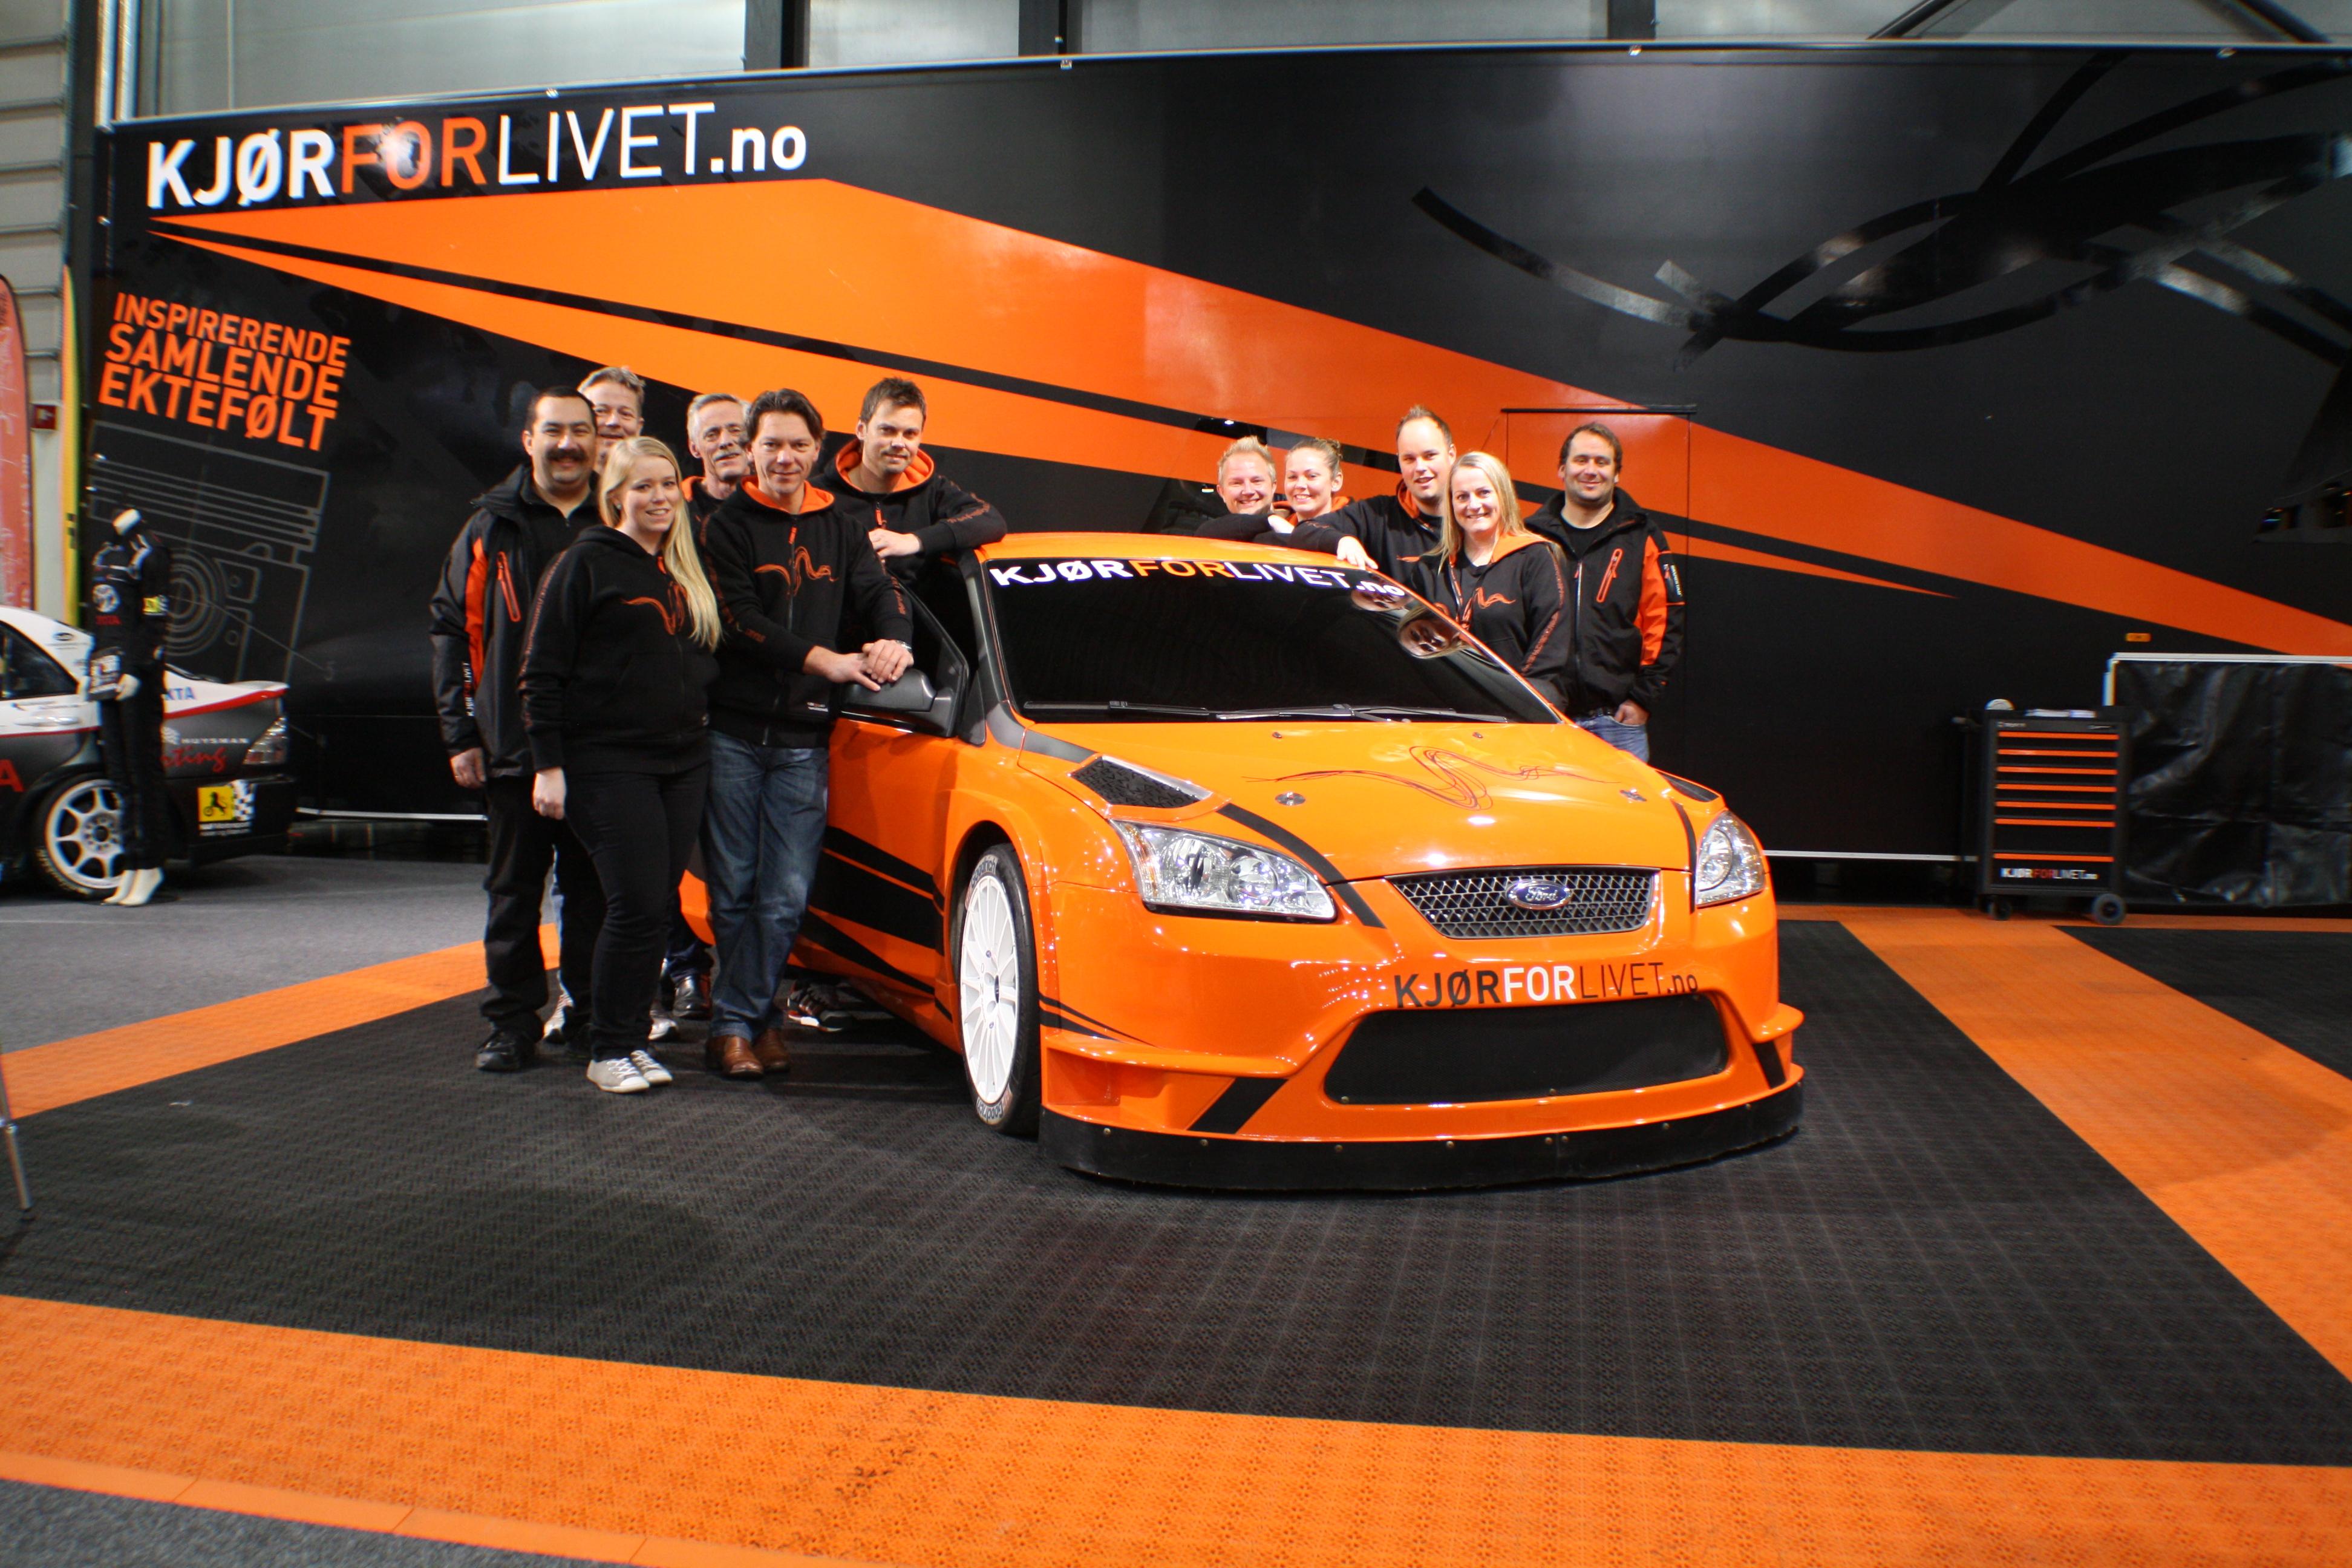 Ninabea og Kjør for livet på Oslo Motorshow